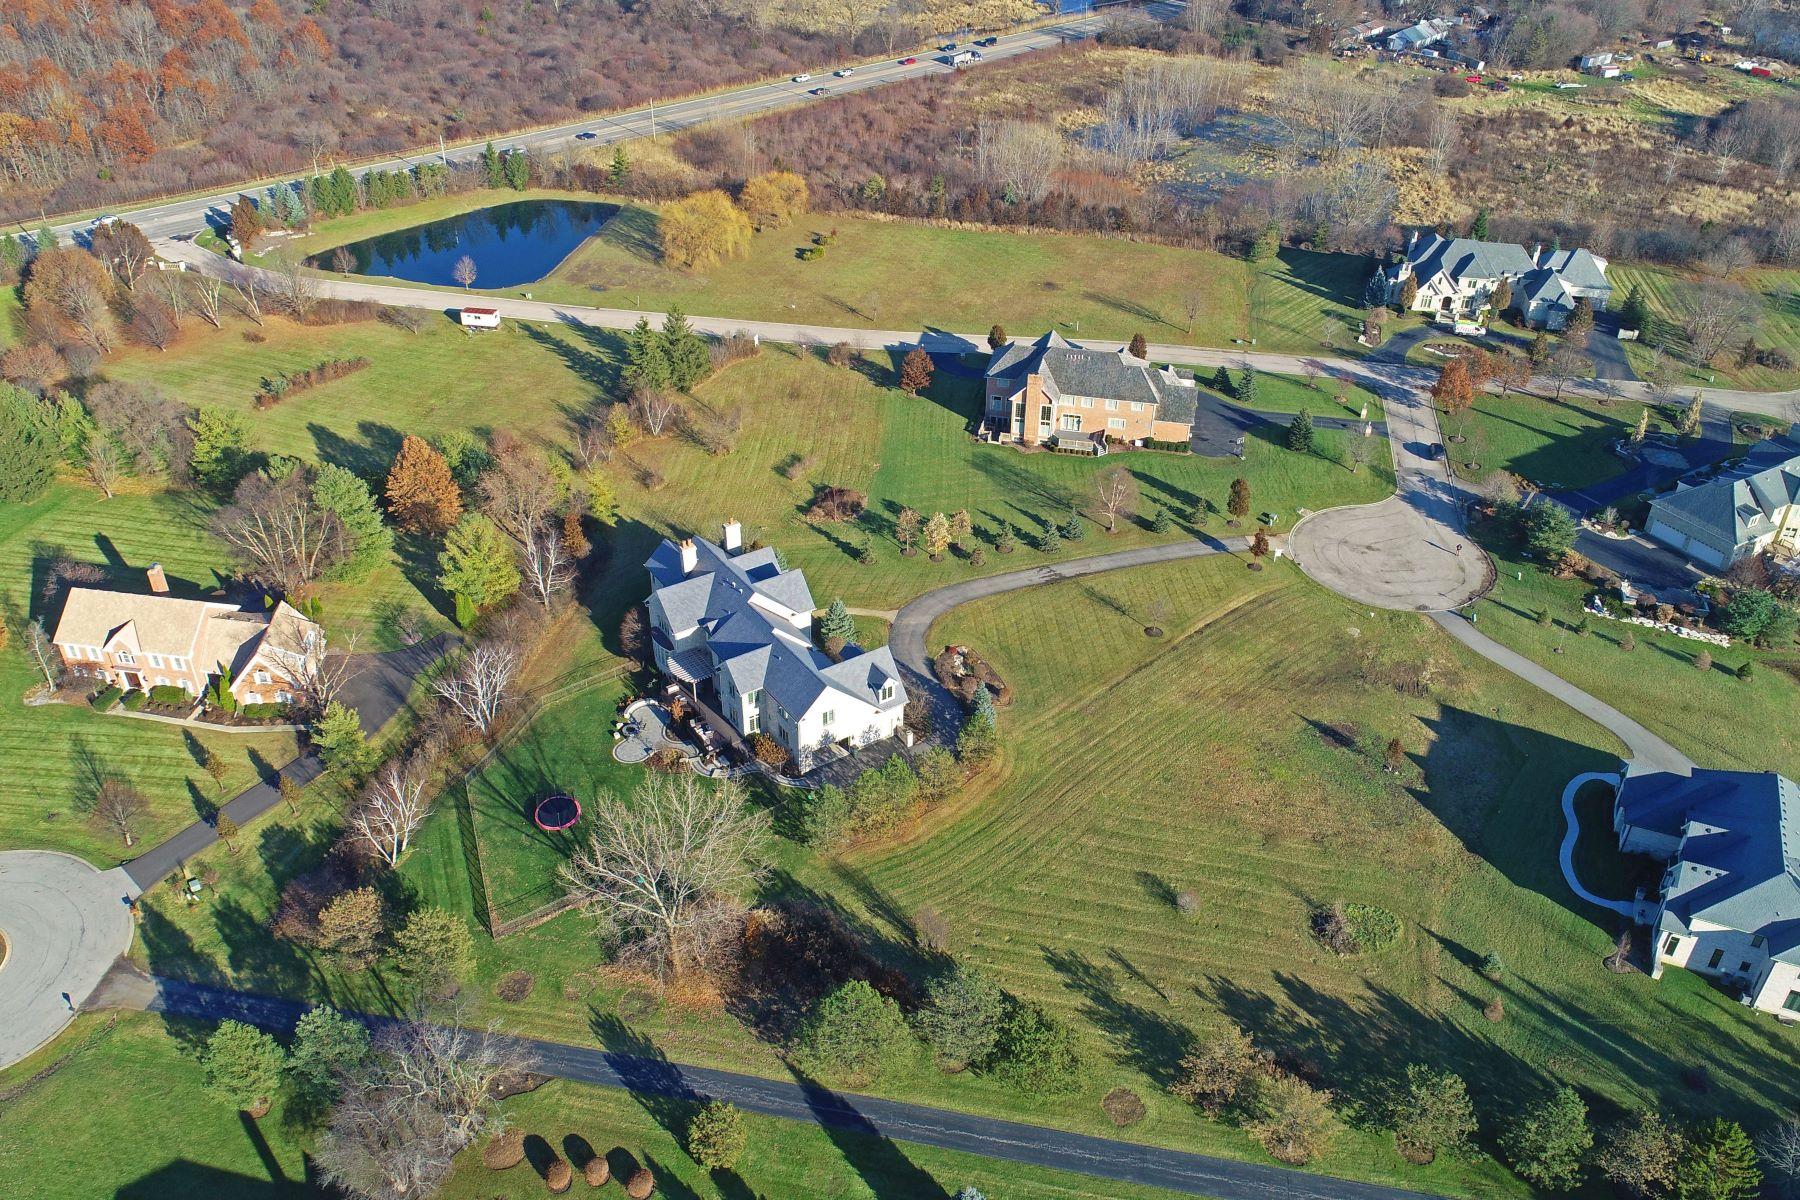 Οικόπεδο για την Πώληση στο Beautiful Nathan's Glen Home Site Leanda Lane Lot #9 Barrington, Ιλινοϊσ 60010 Ηνωμένες Πολιτείες